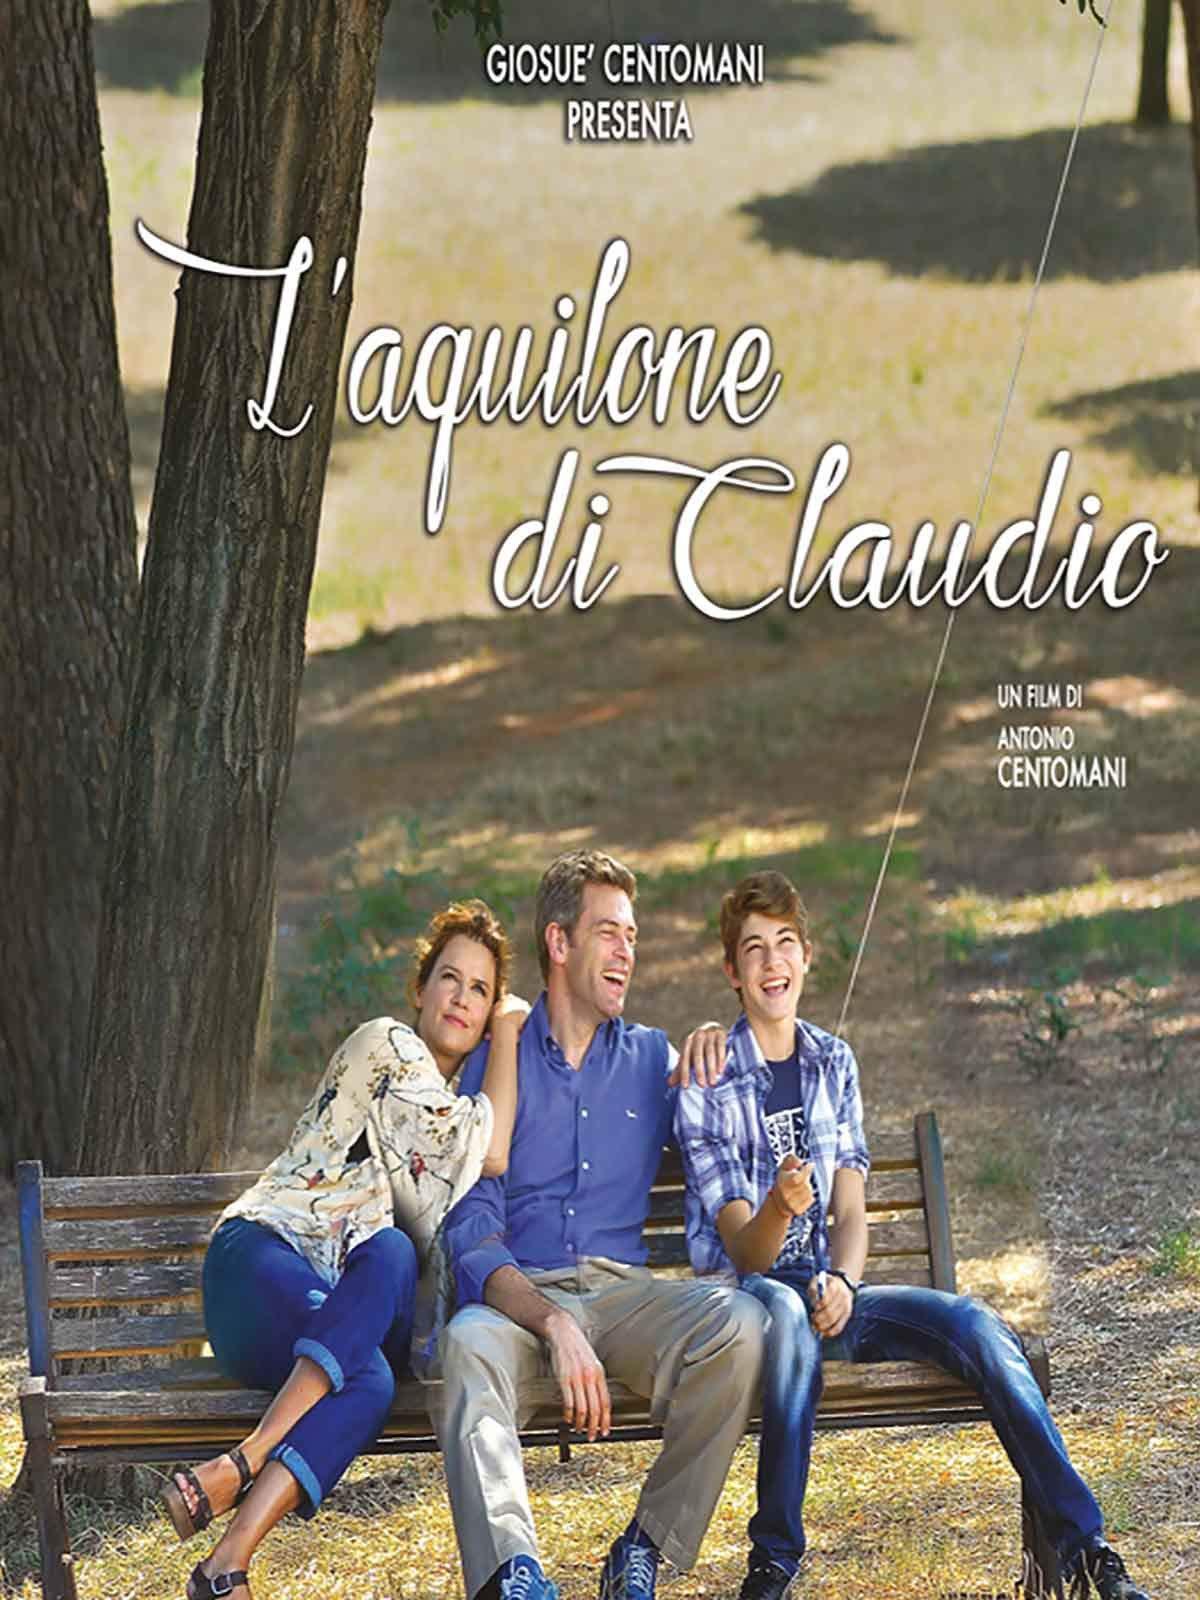 L'Aquilone di Claudio - Claudio's kite